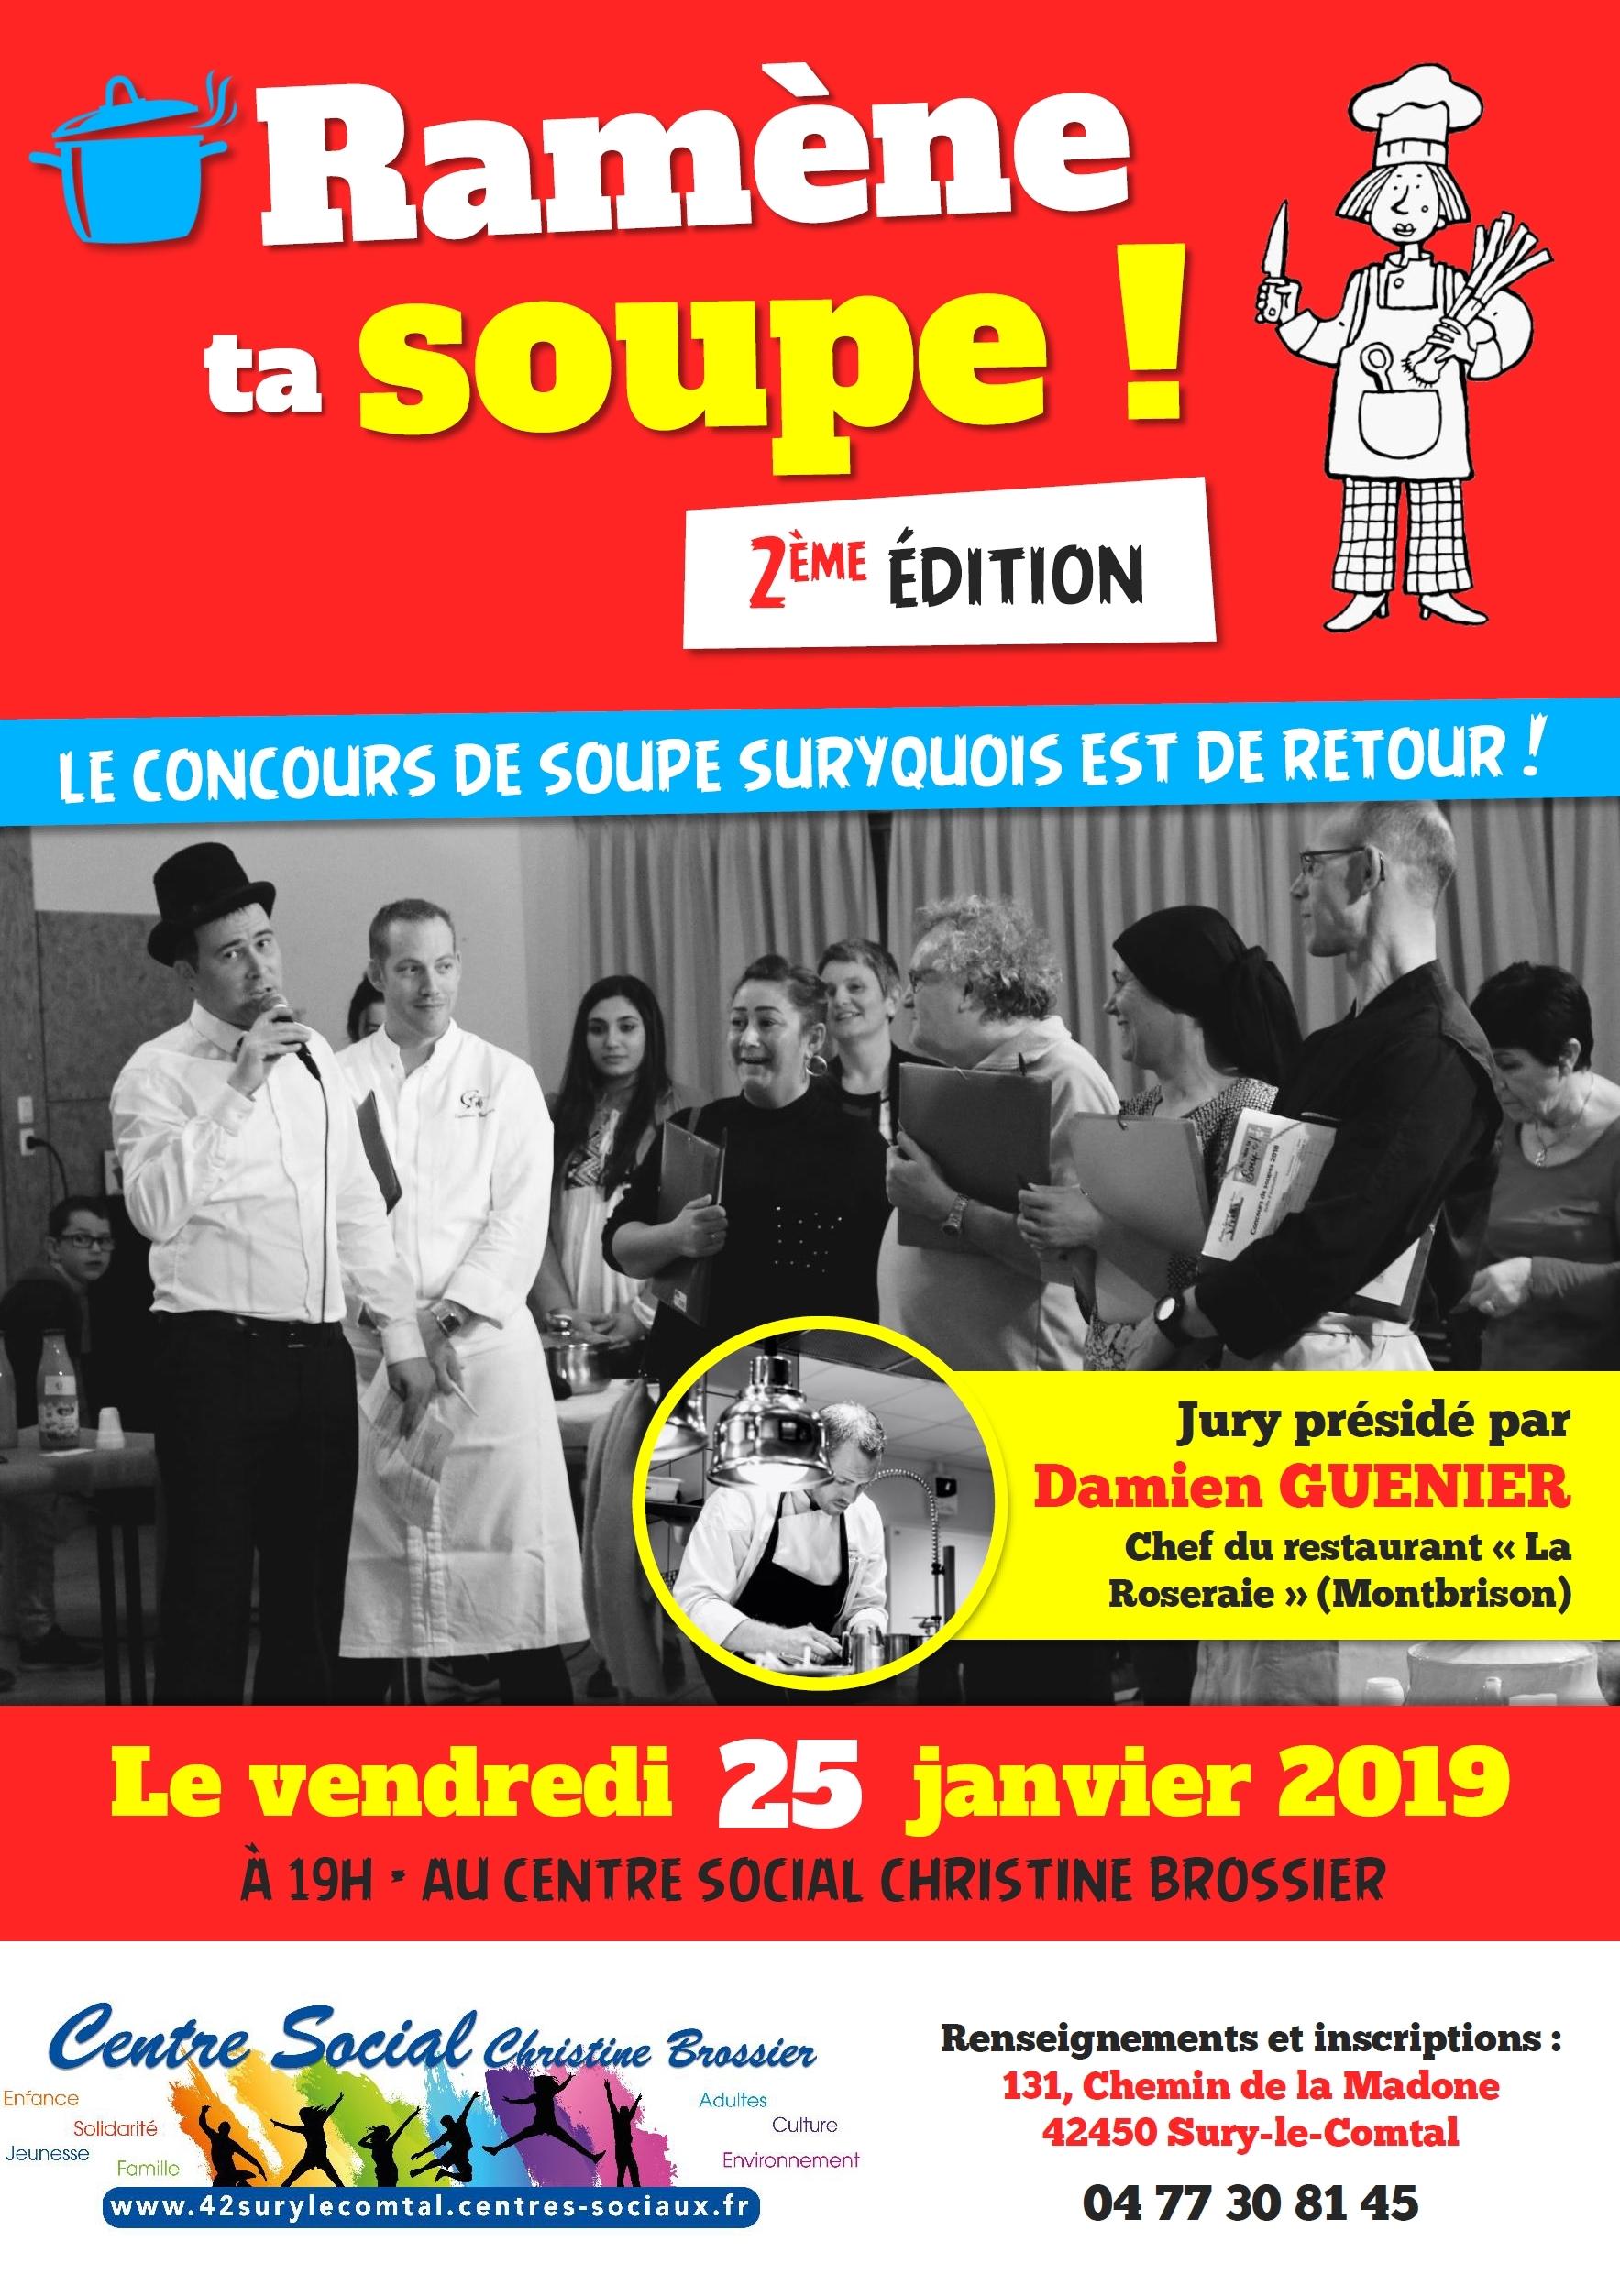 RAMENE-TA-SOUPE-2-2019